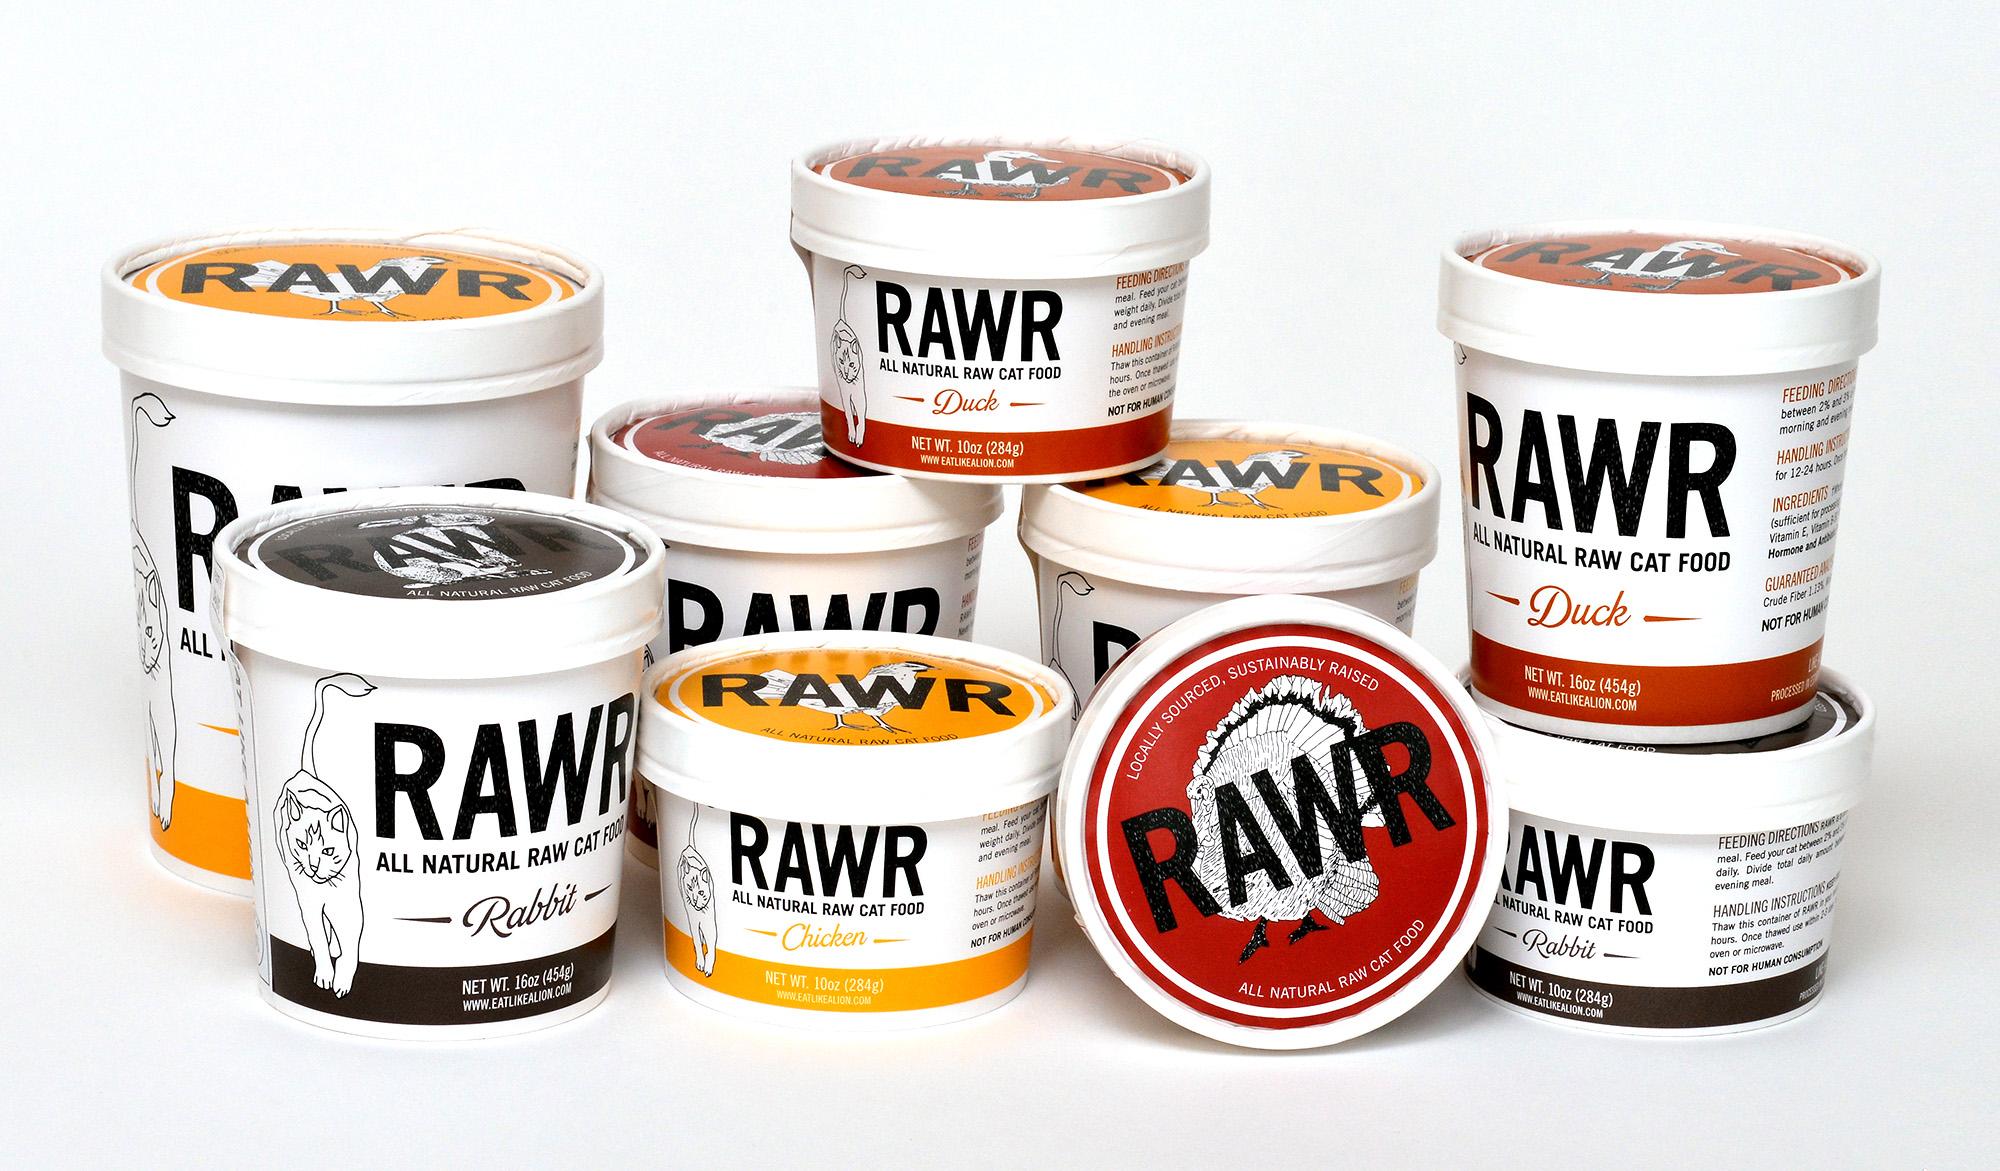 Rawr_CompleteMeals.jpg